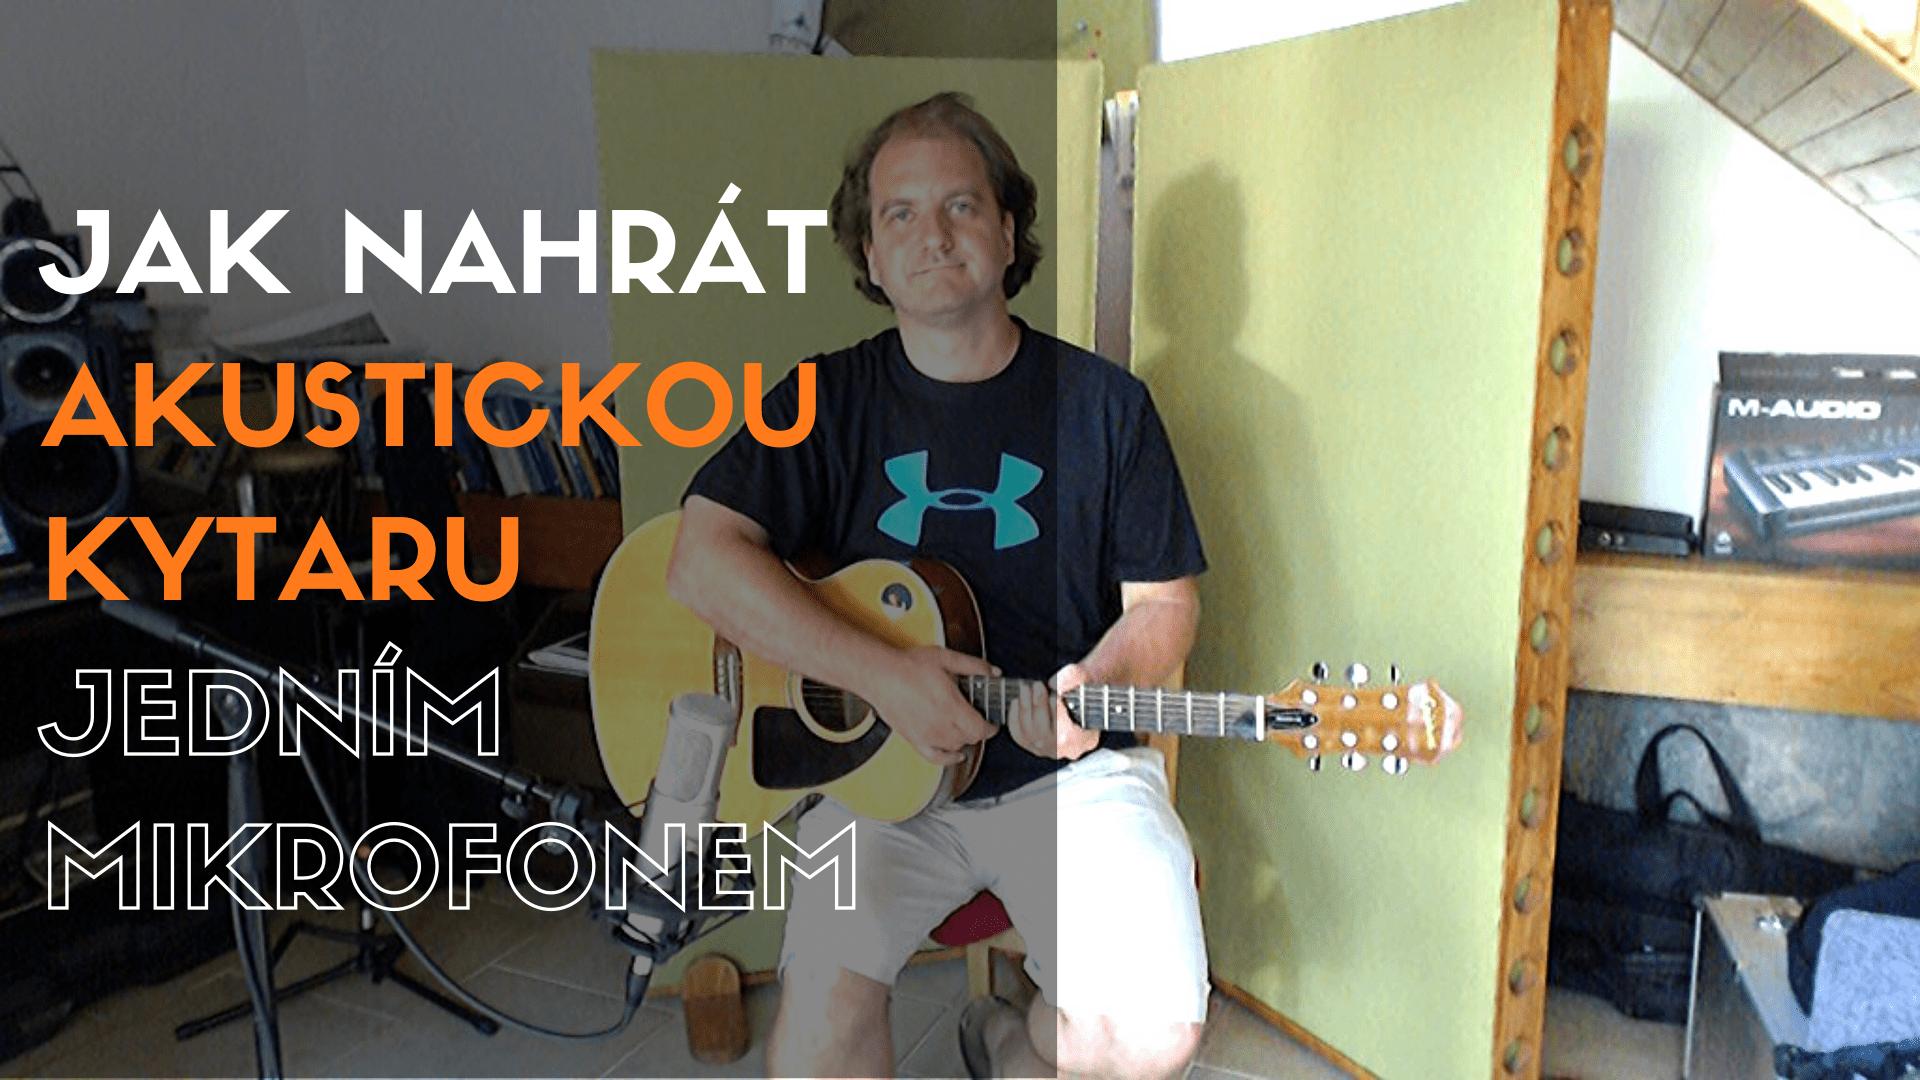 Jak nahrát akustickou kytaru jedním mikrofonem